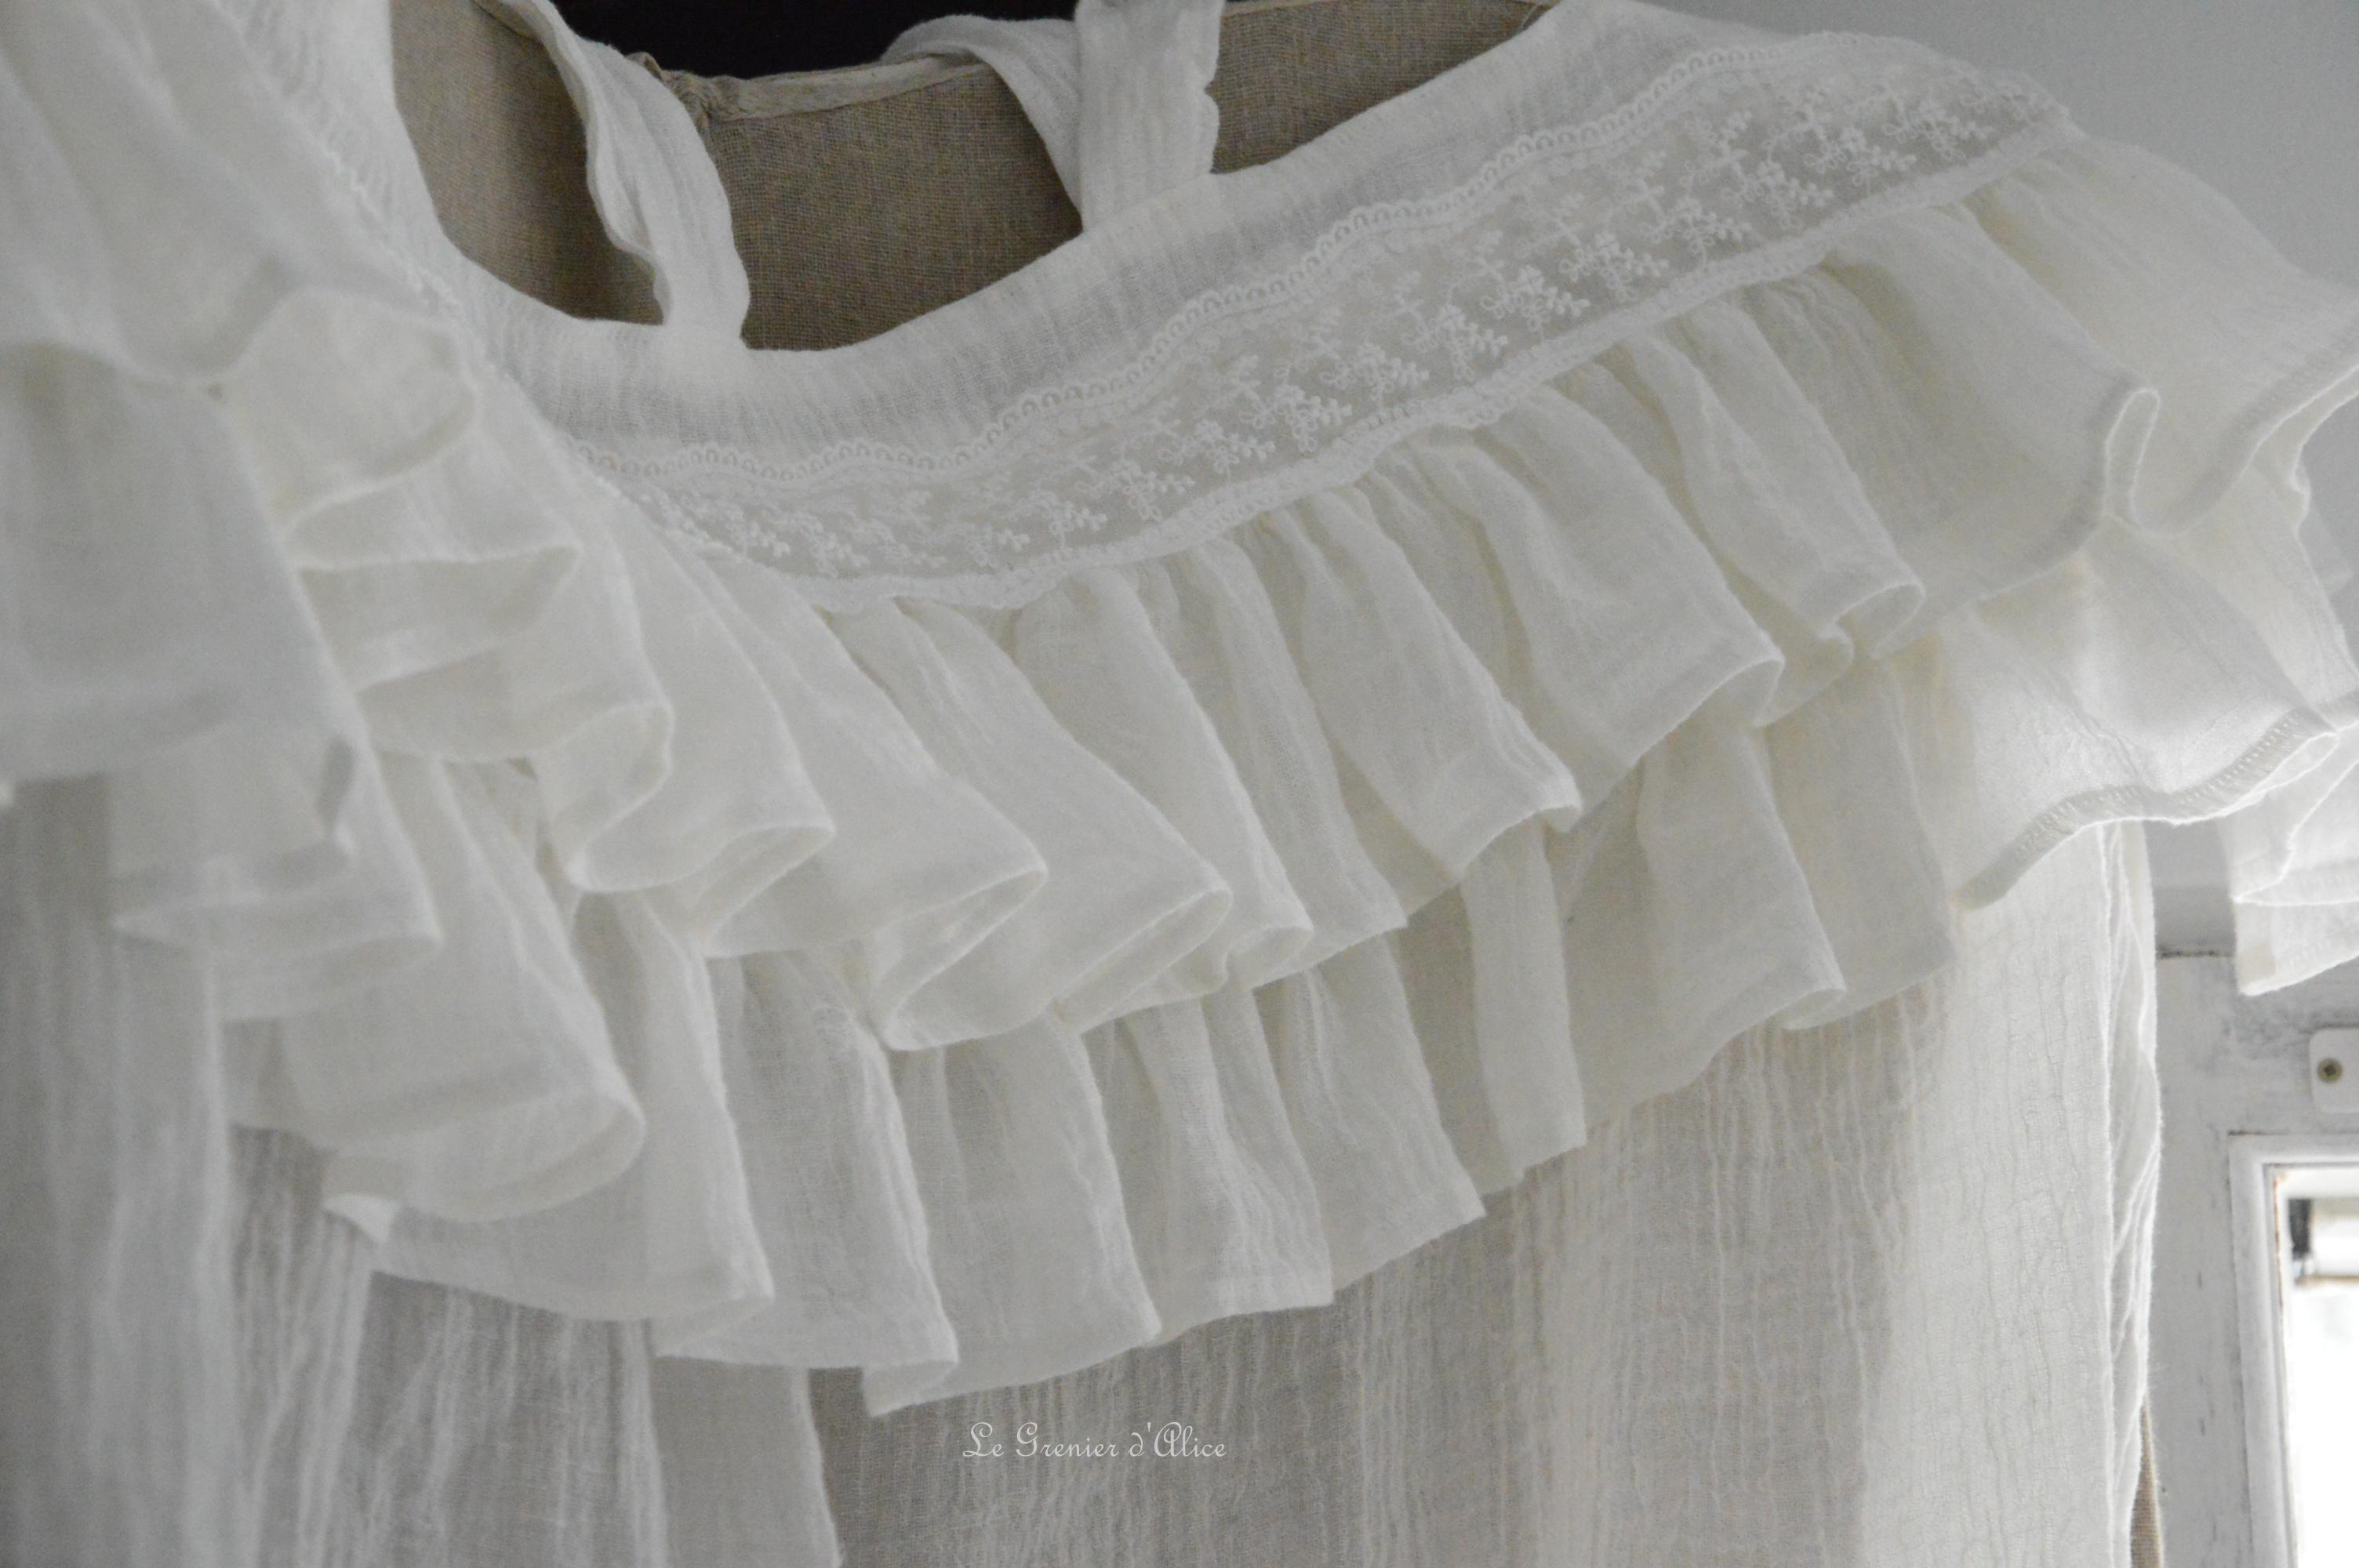 rideau shabby chic le grenier dalice rideau romantique en voile de lin ivoire volant froufrou. Black Bedroom Furniture Sets. Home Design Ideas